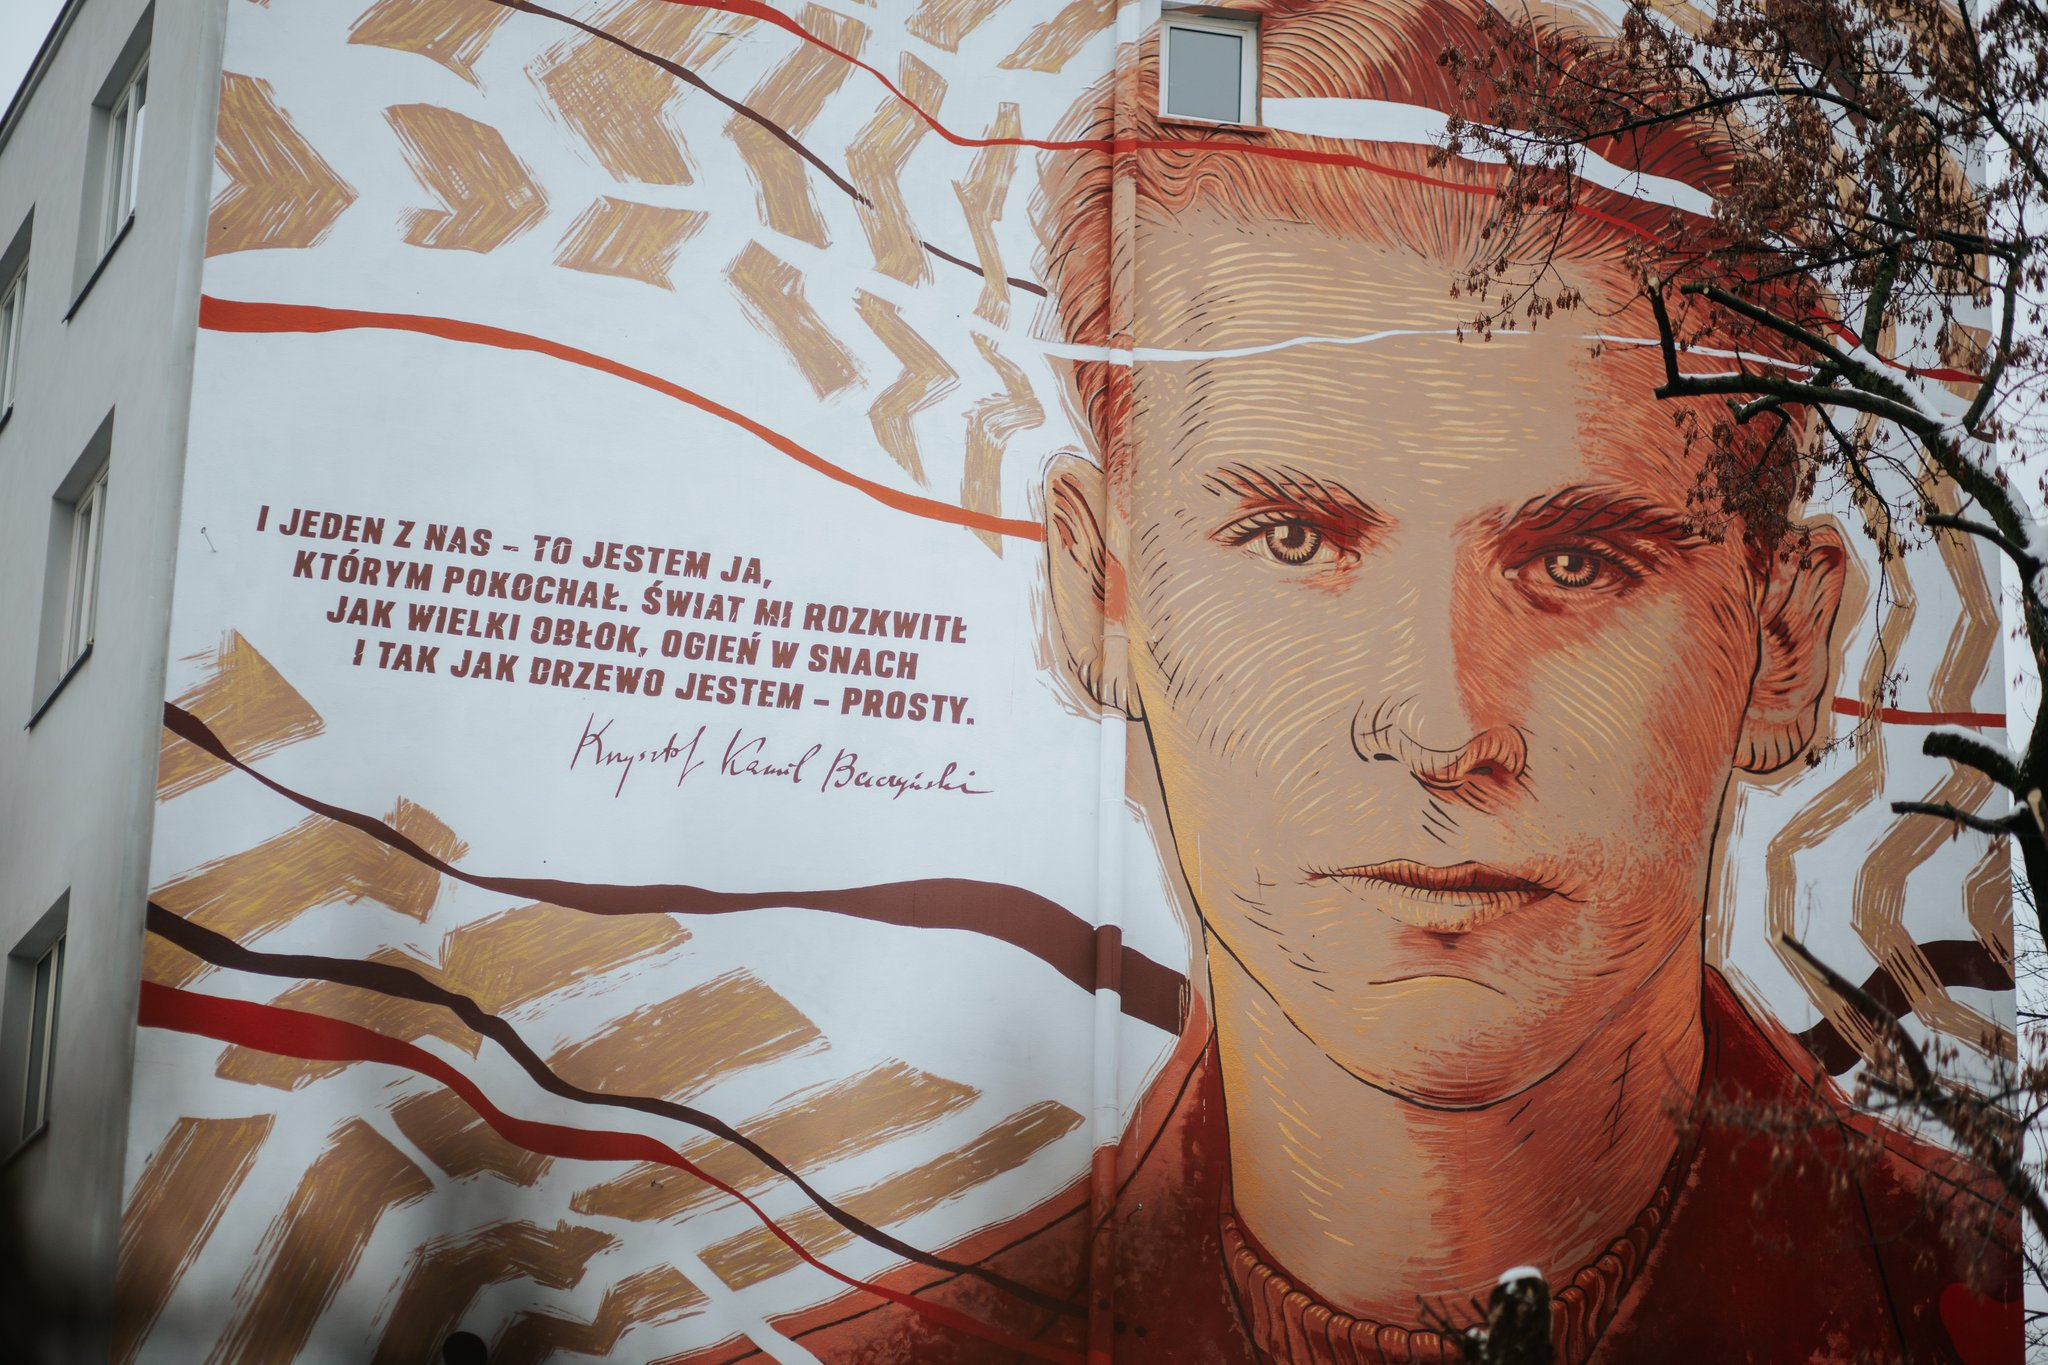 Mural zupamietniający Kamila Krzysztofa Baczyńskiego